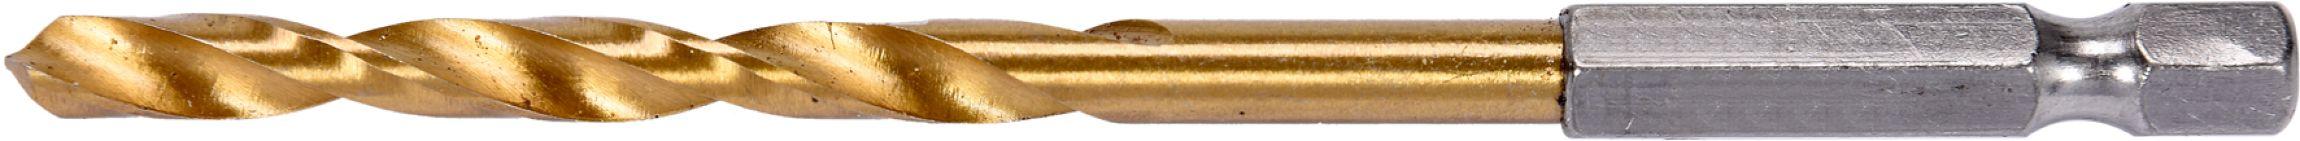 """Vrták do kovu HSS-titan 5,0mm se šestihranou stopkou 1/4"""" Yato YT-44761 Nářadí 0.026Kg YT-44761"""